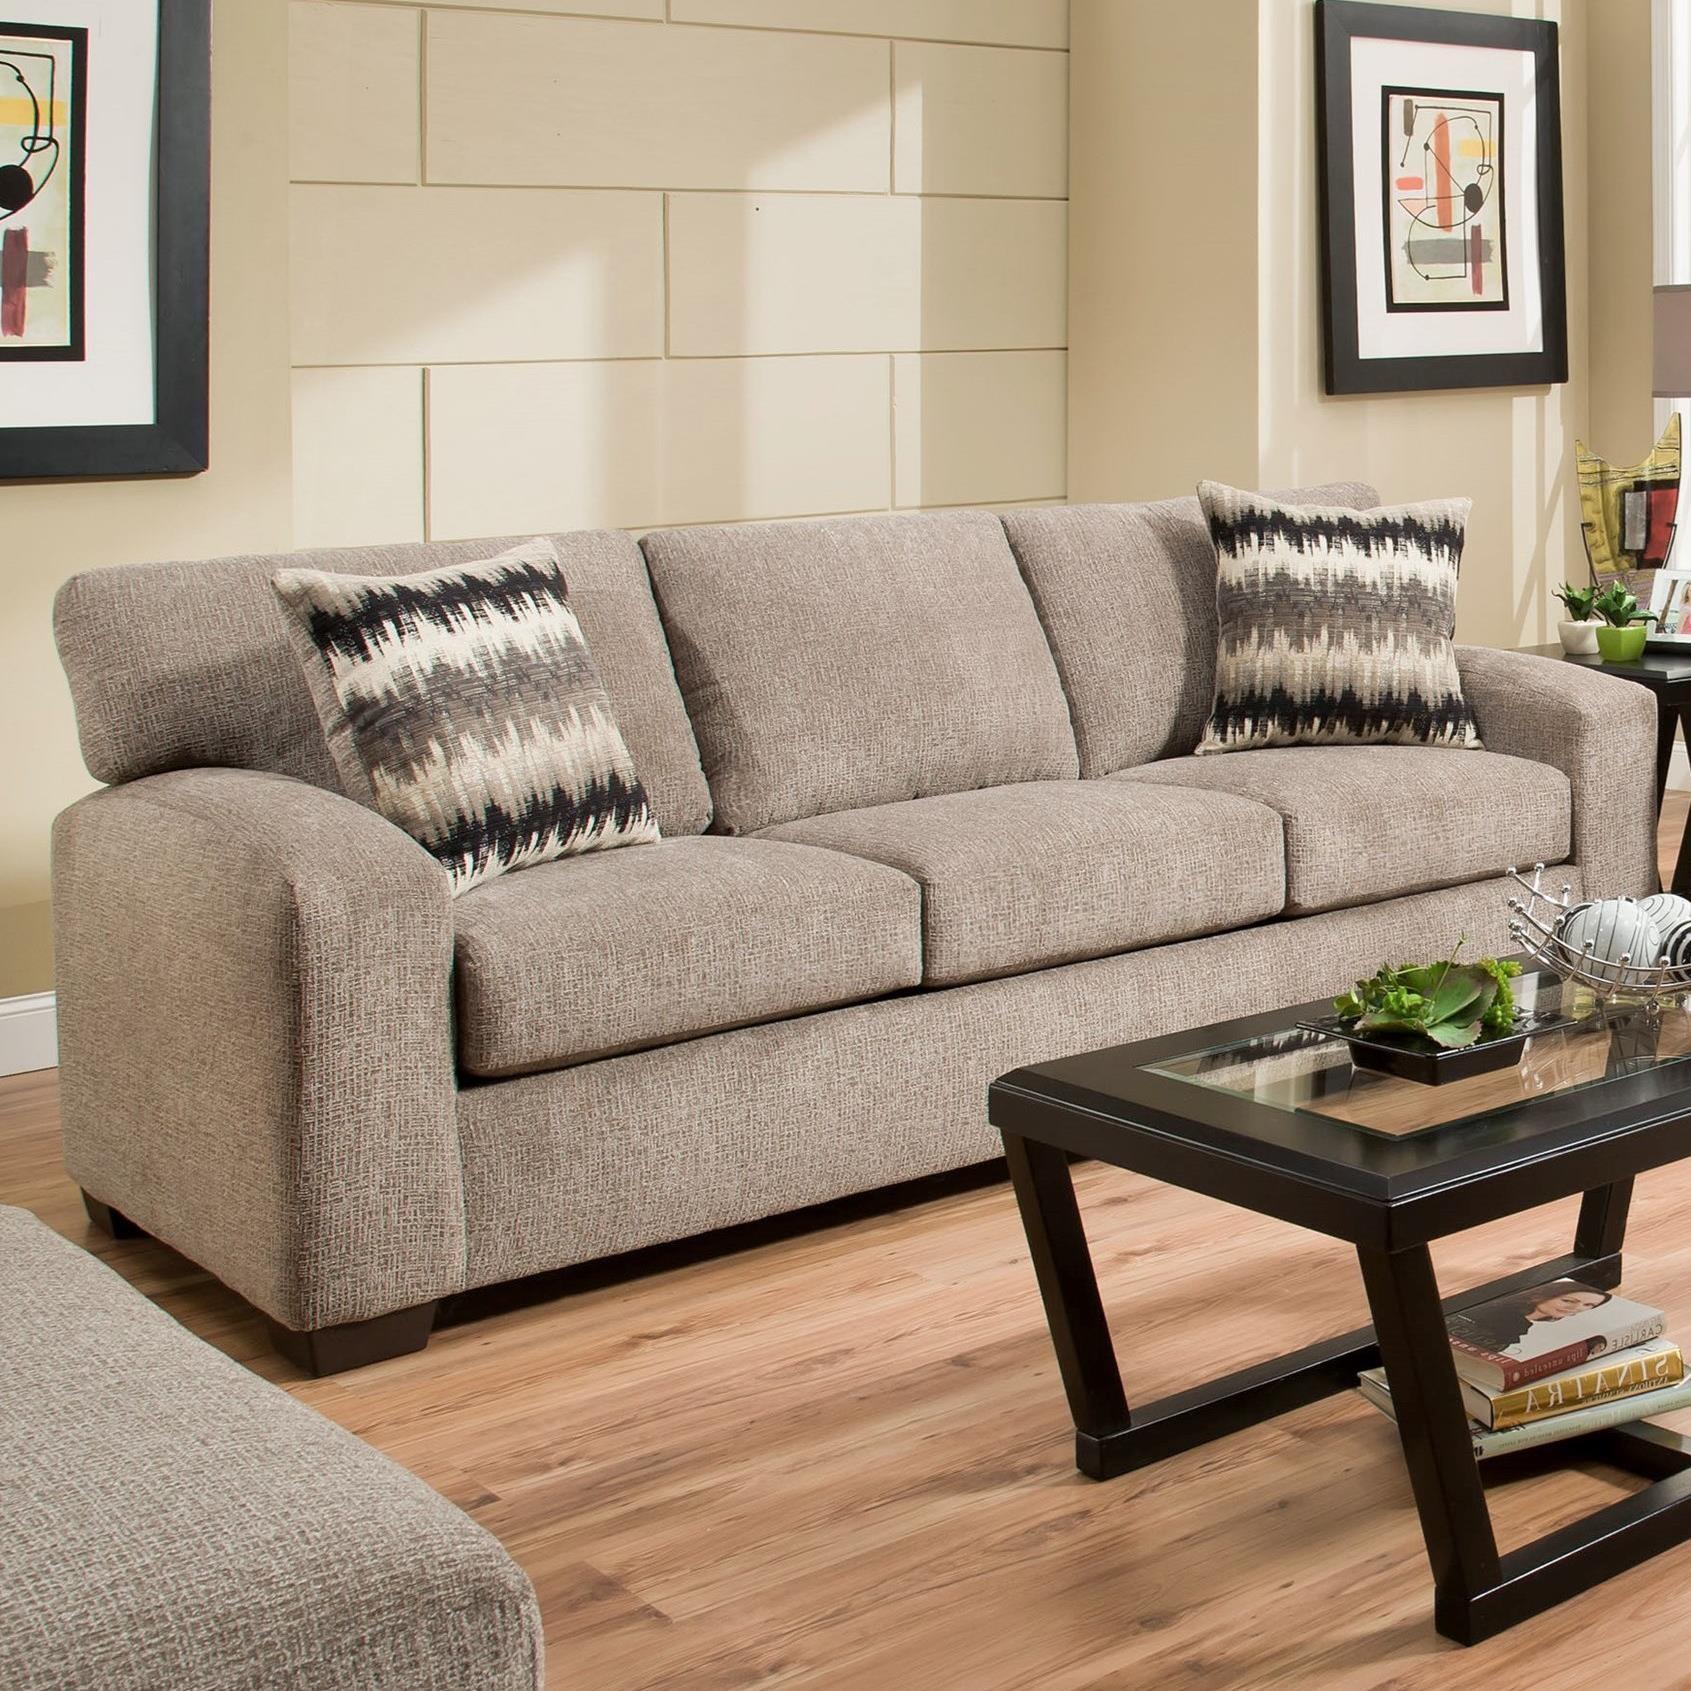 Perth Furniture Furniture In Perth